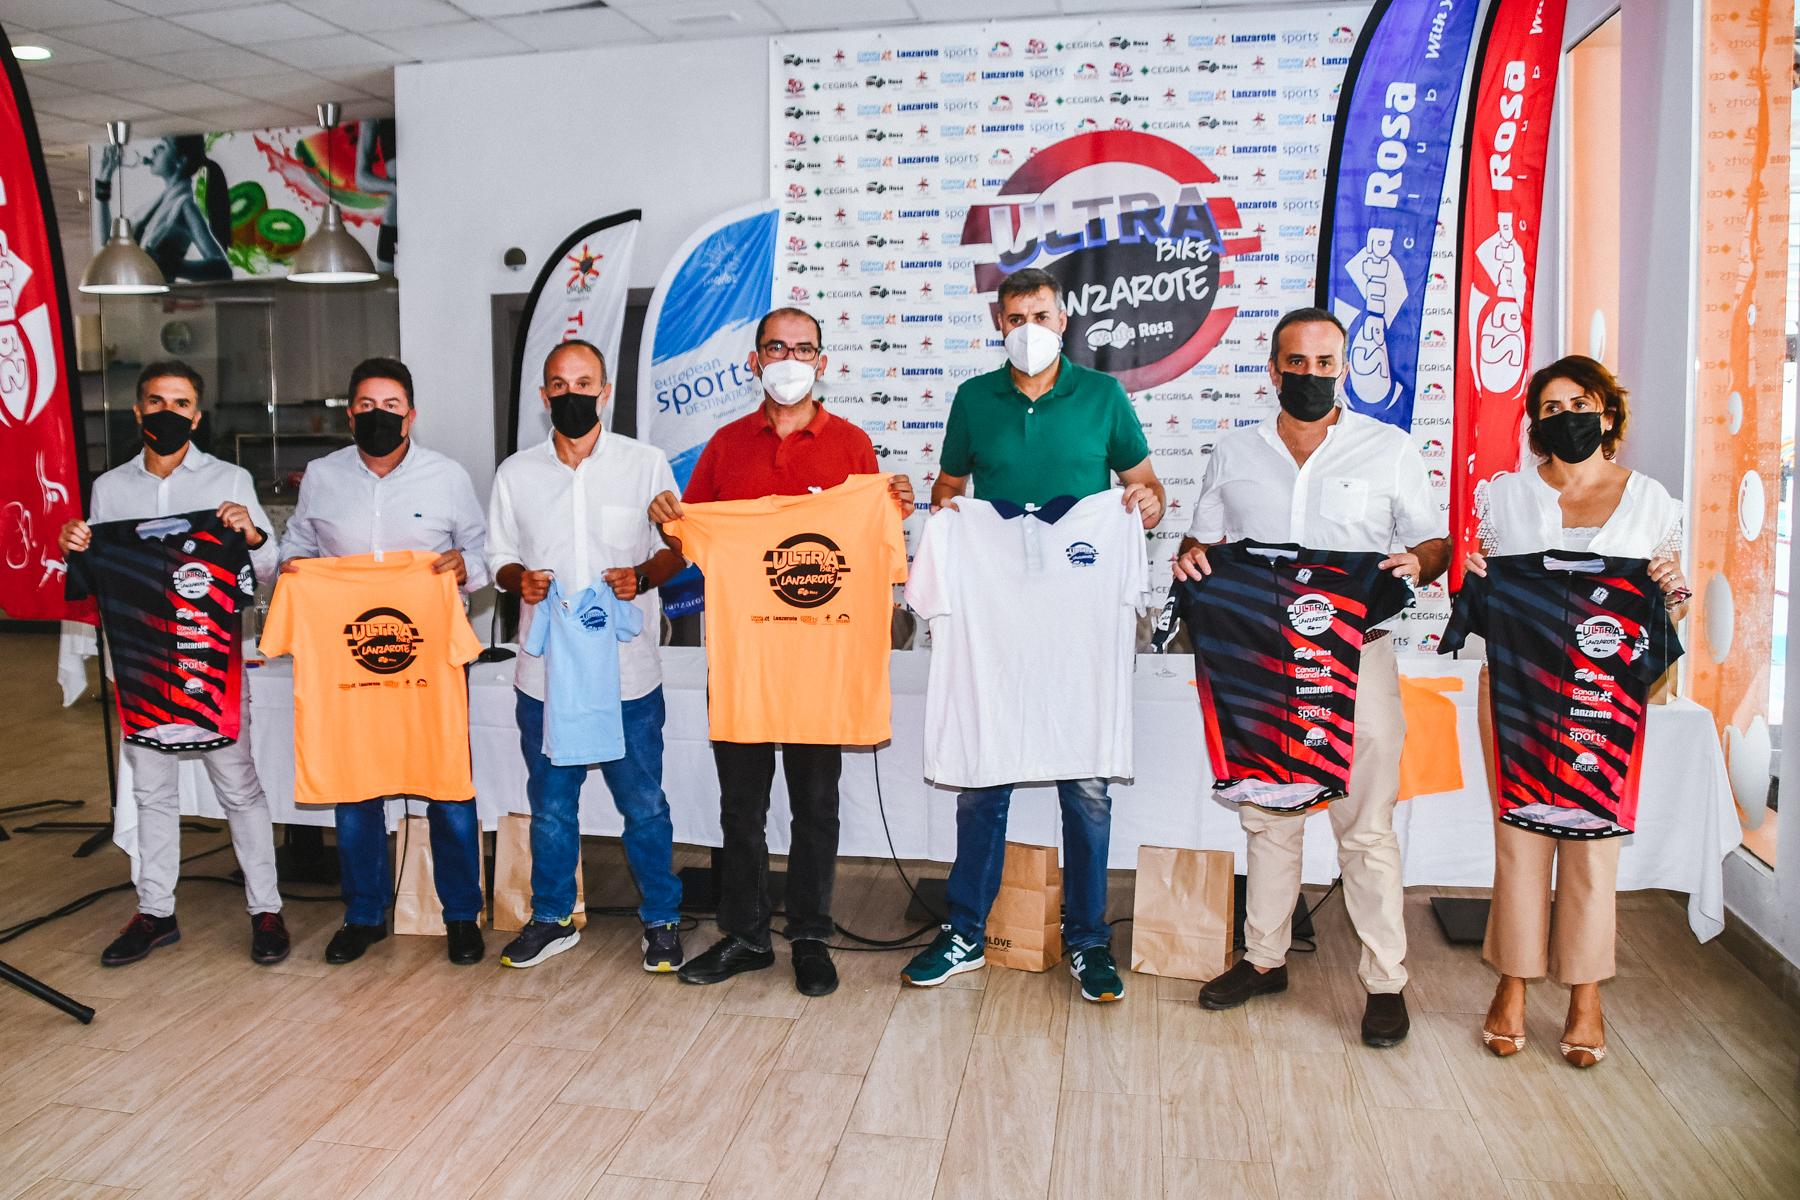 Una nueva línea de meta y 850 inscritos, protagonistas de la 7ª edición de la Ultrabike Lanzarote 2021